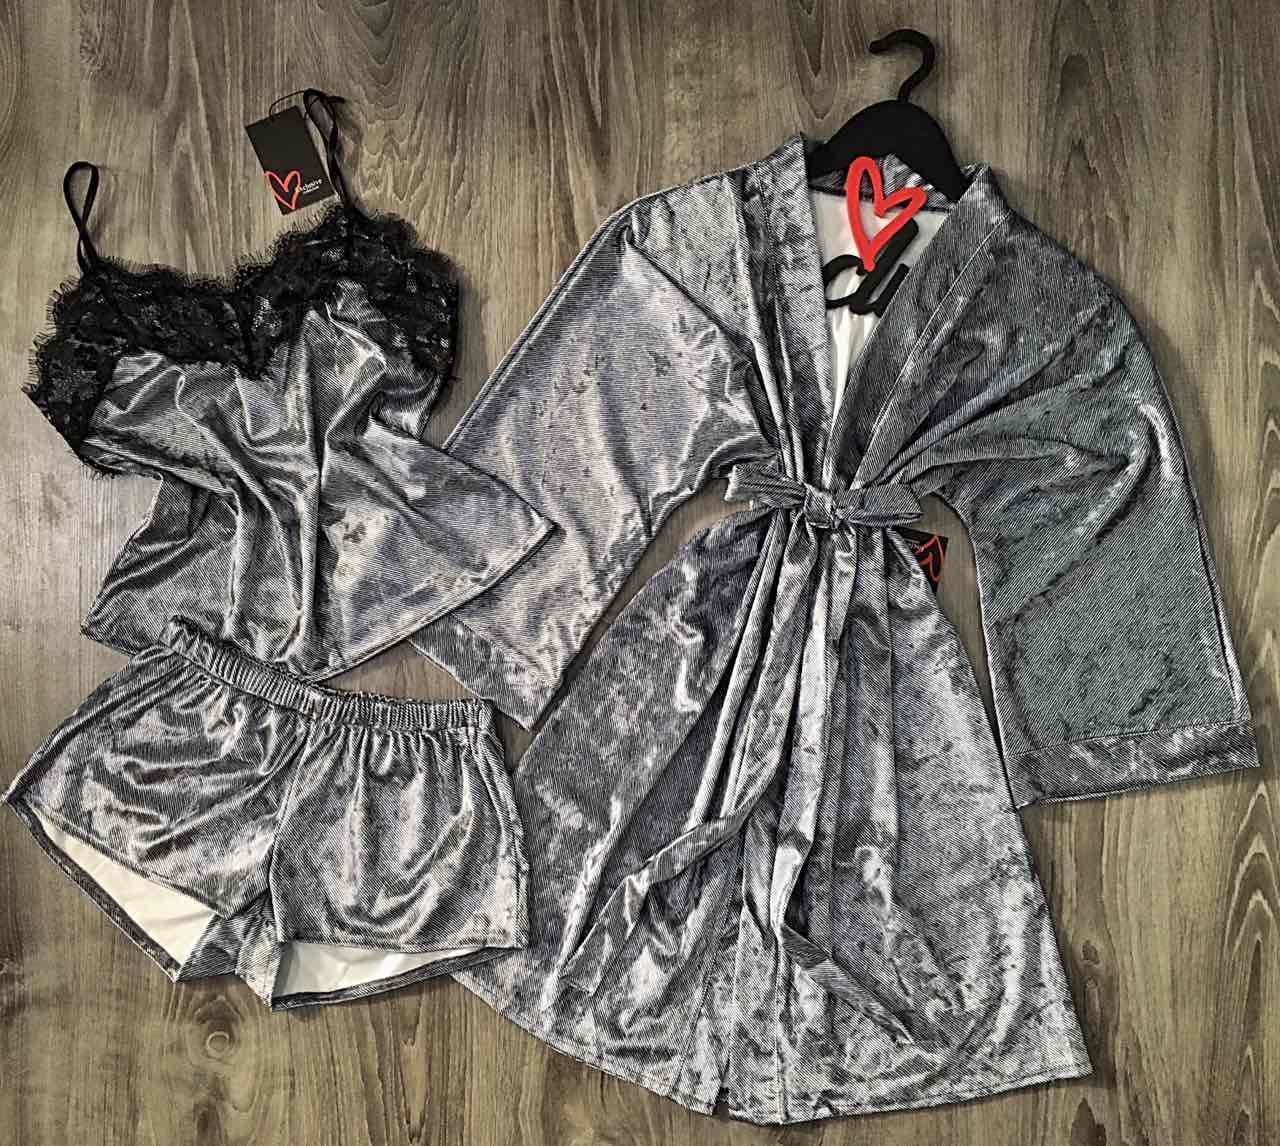 Велюровая домашняя одежда, комплект халат и пижама.